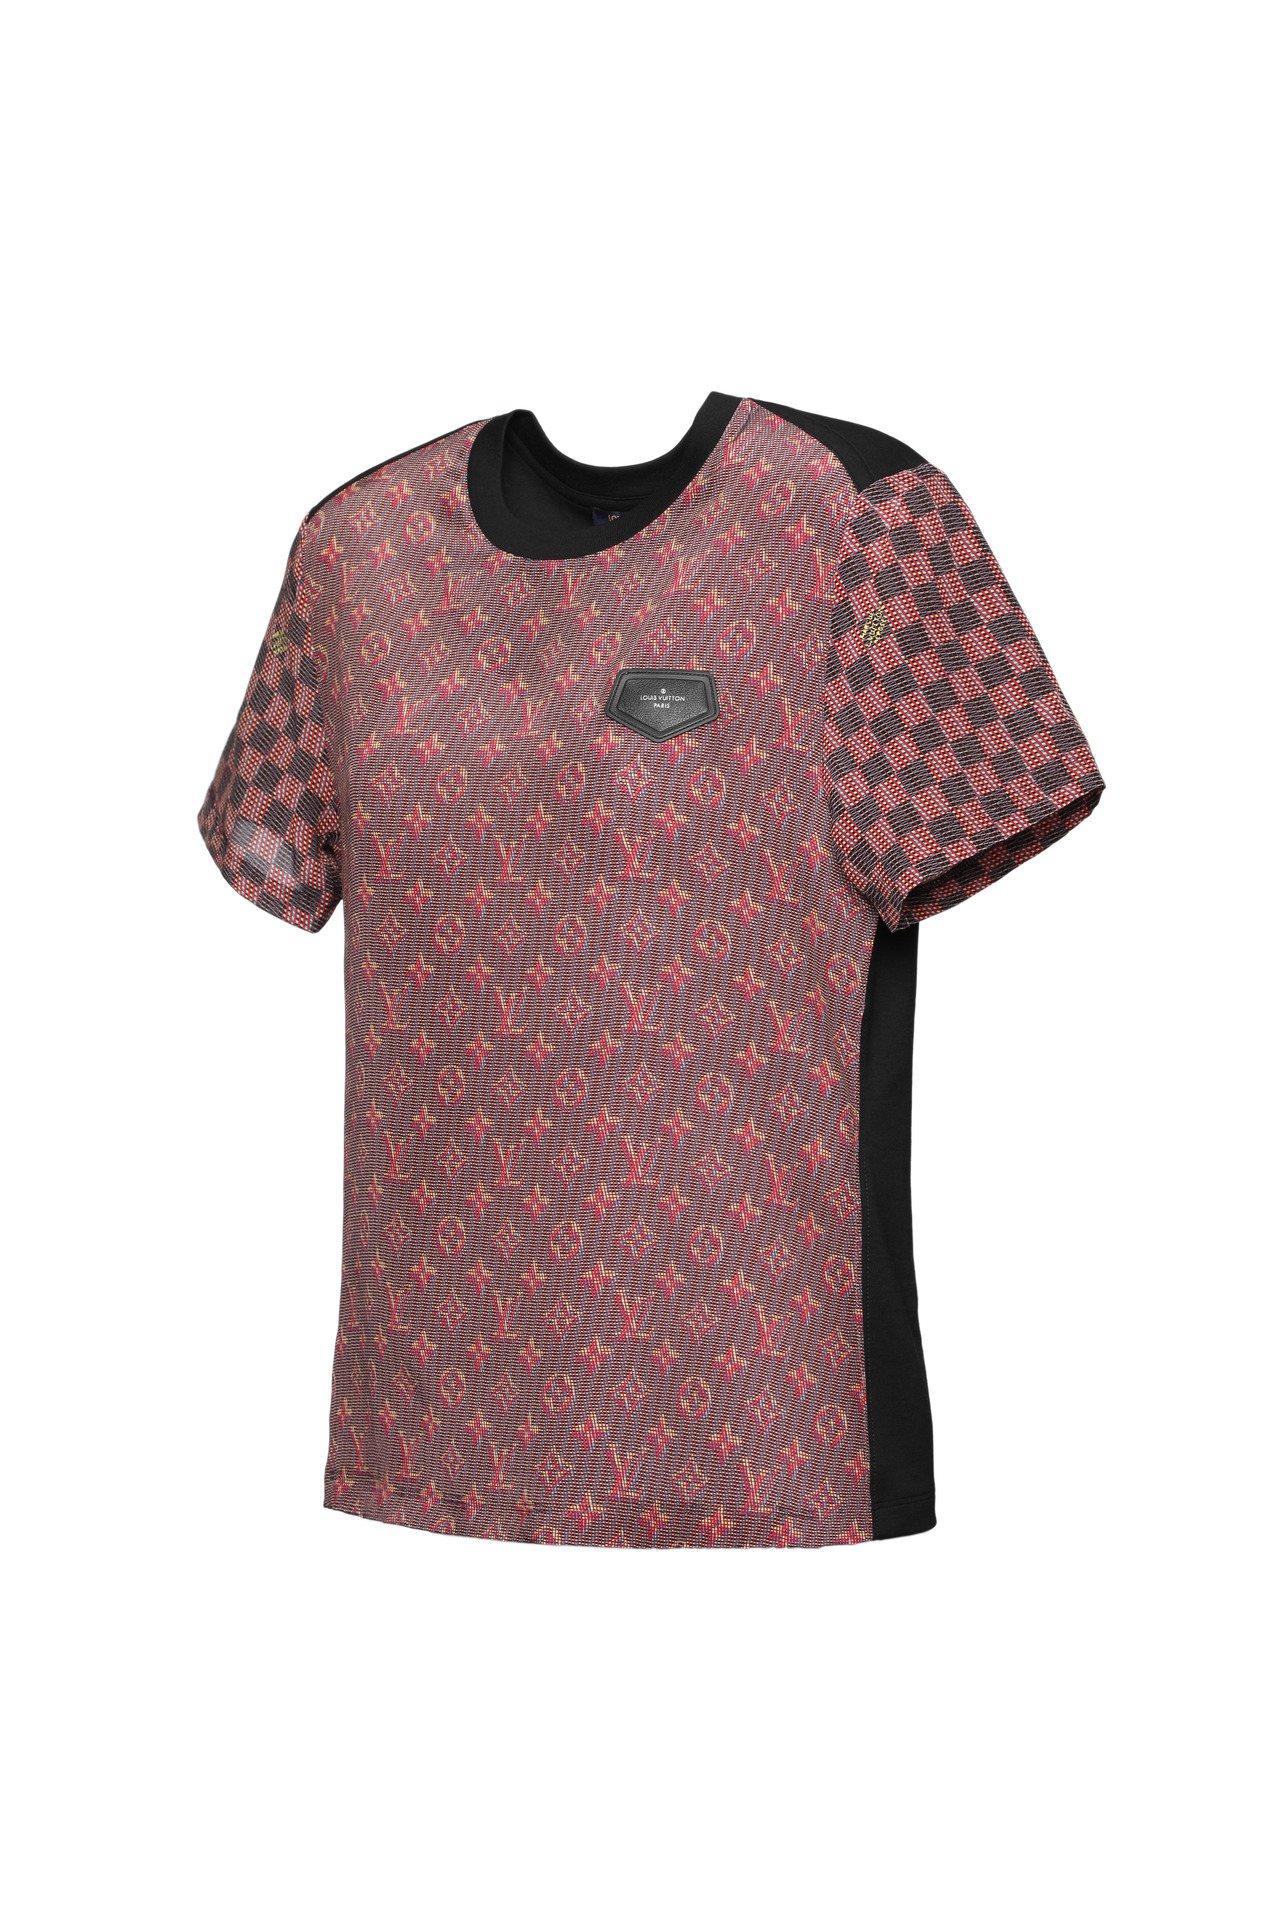 全球獨賣LV Pop T恤,售價25,000元。圖/LV提供